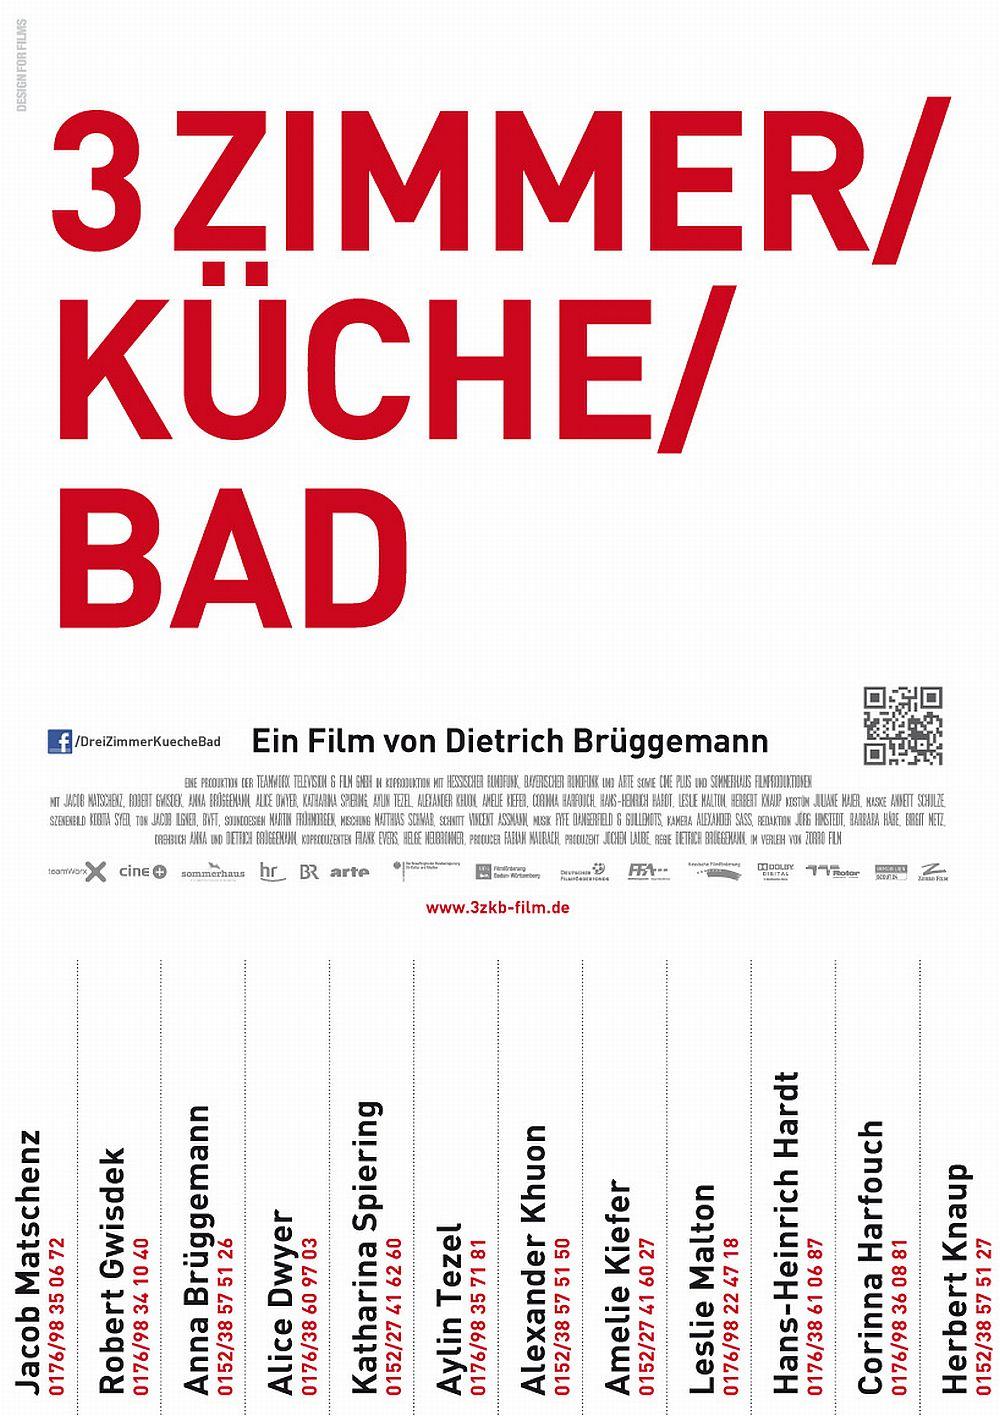 Filmplakat zu 3 Zimmer/Küche/Bad